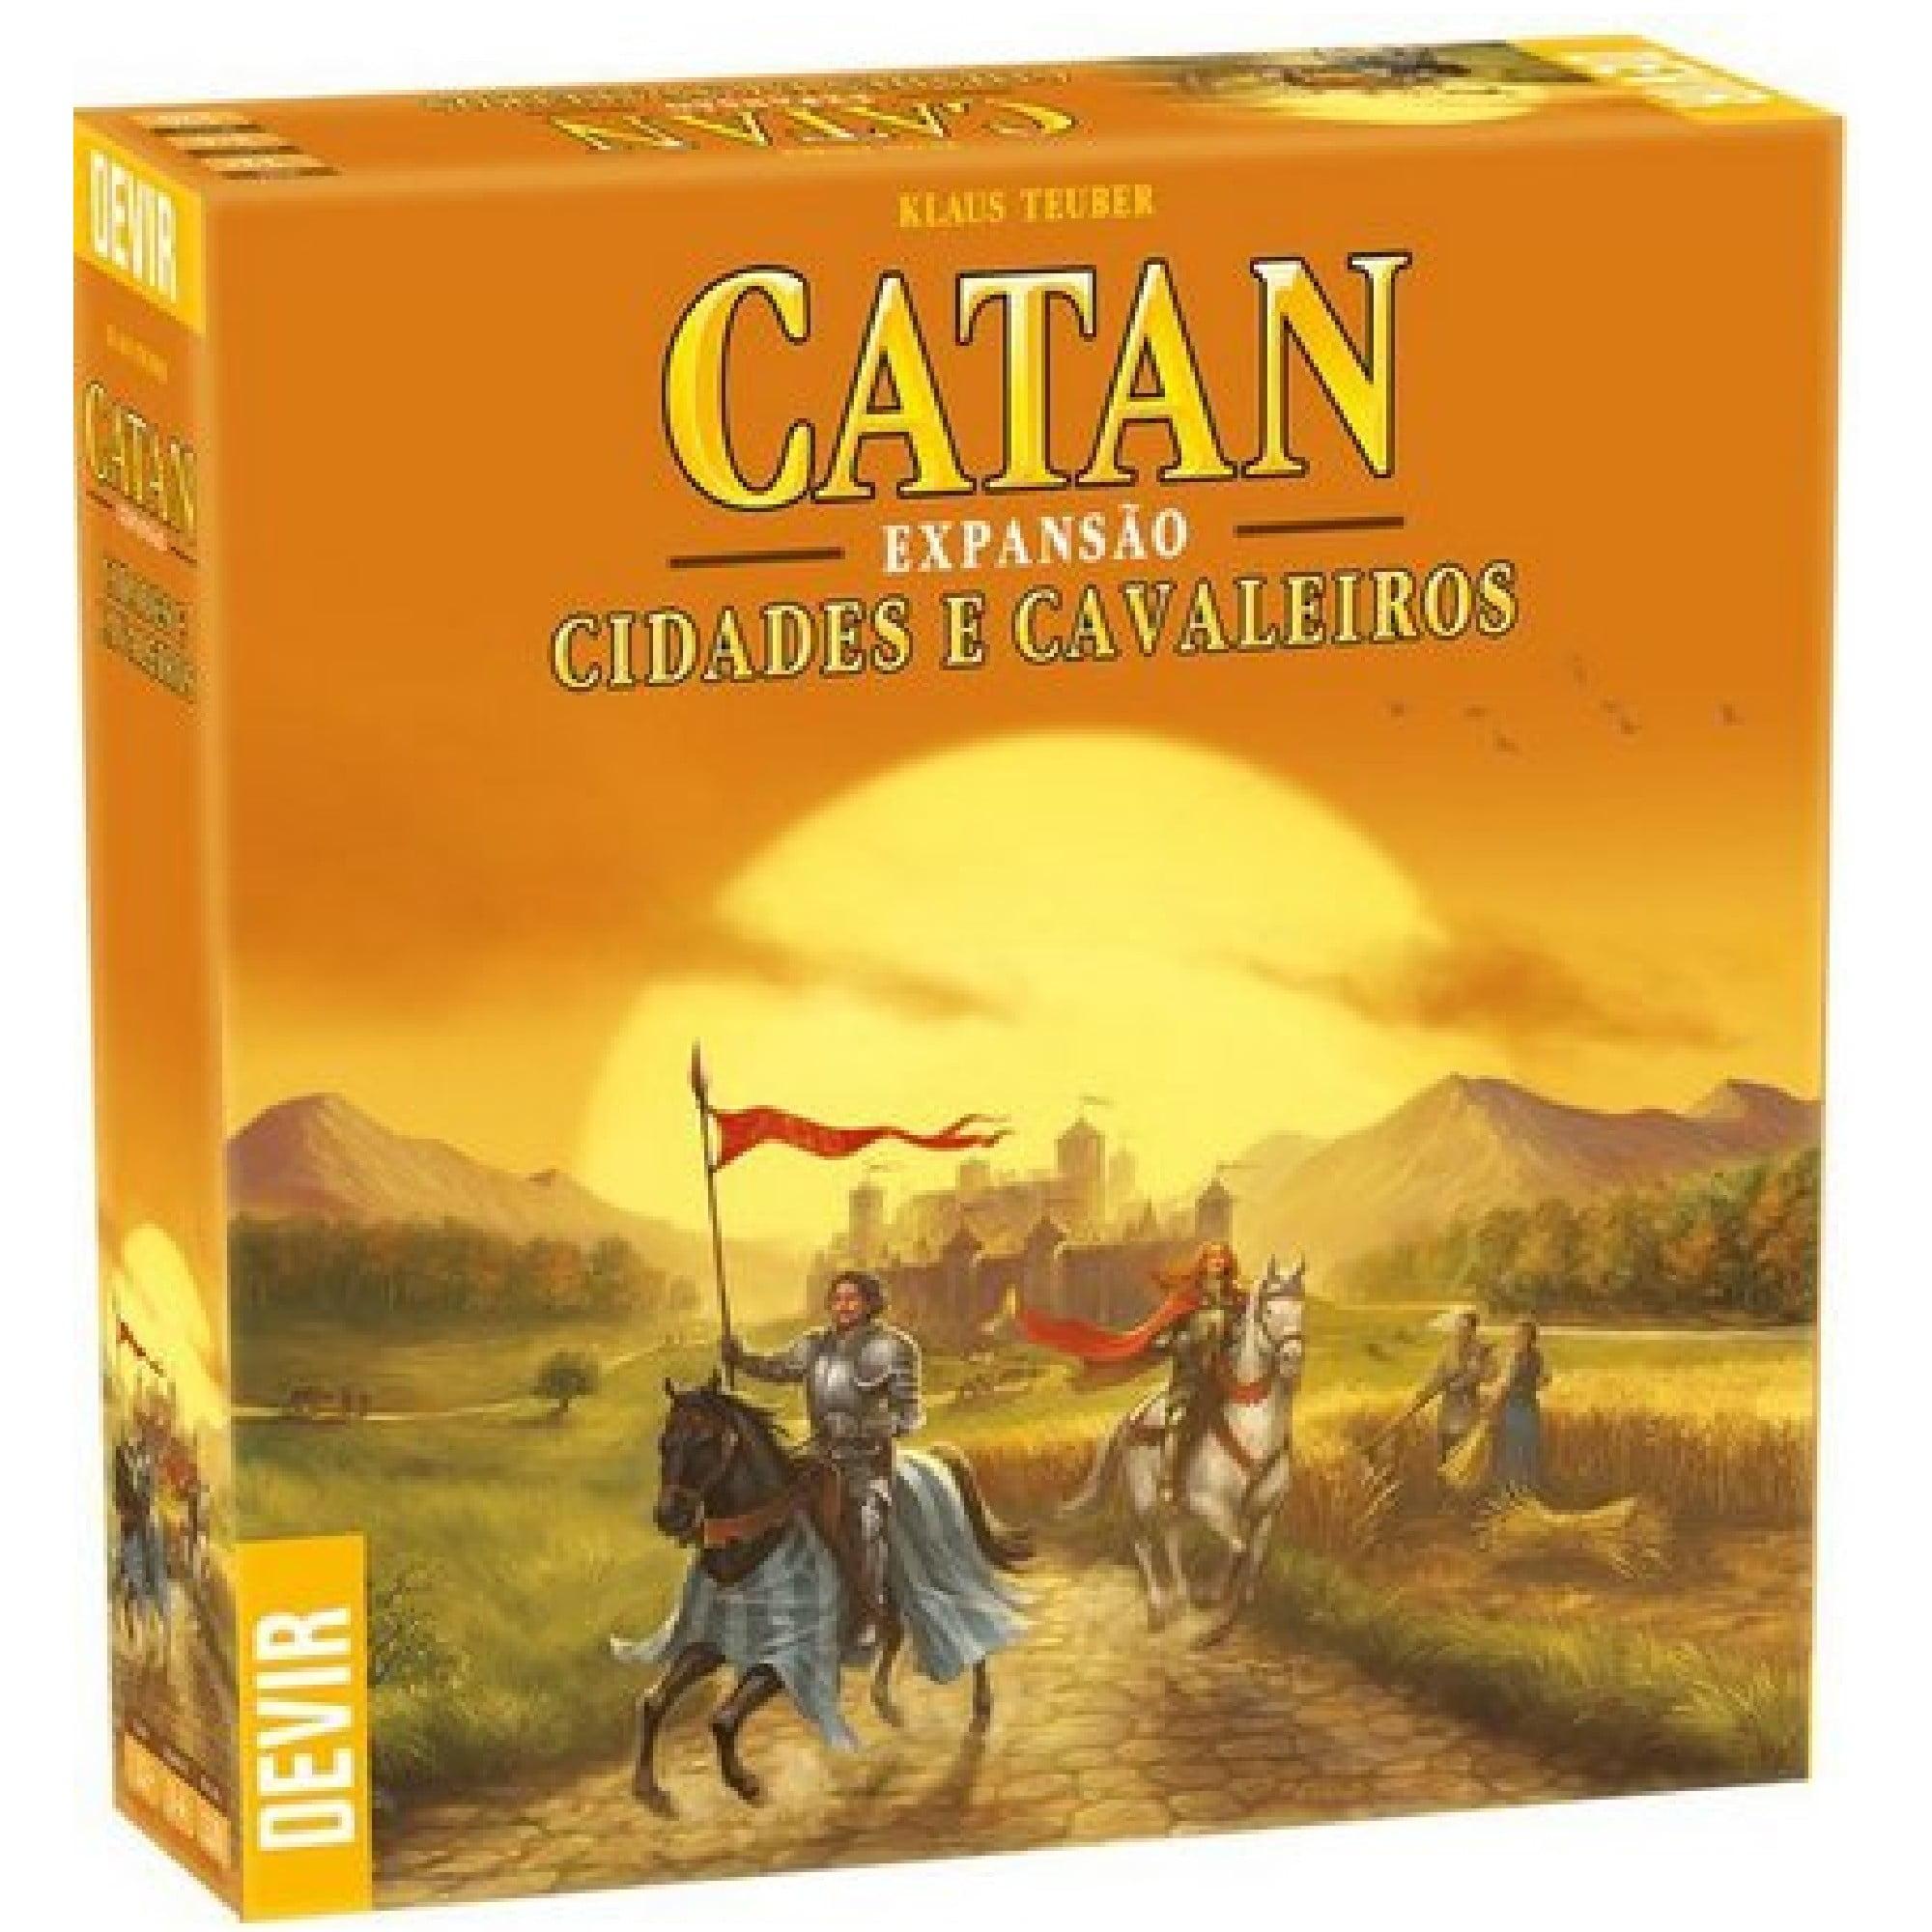 Catan Expansão Cidades e Cavaleiros